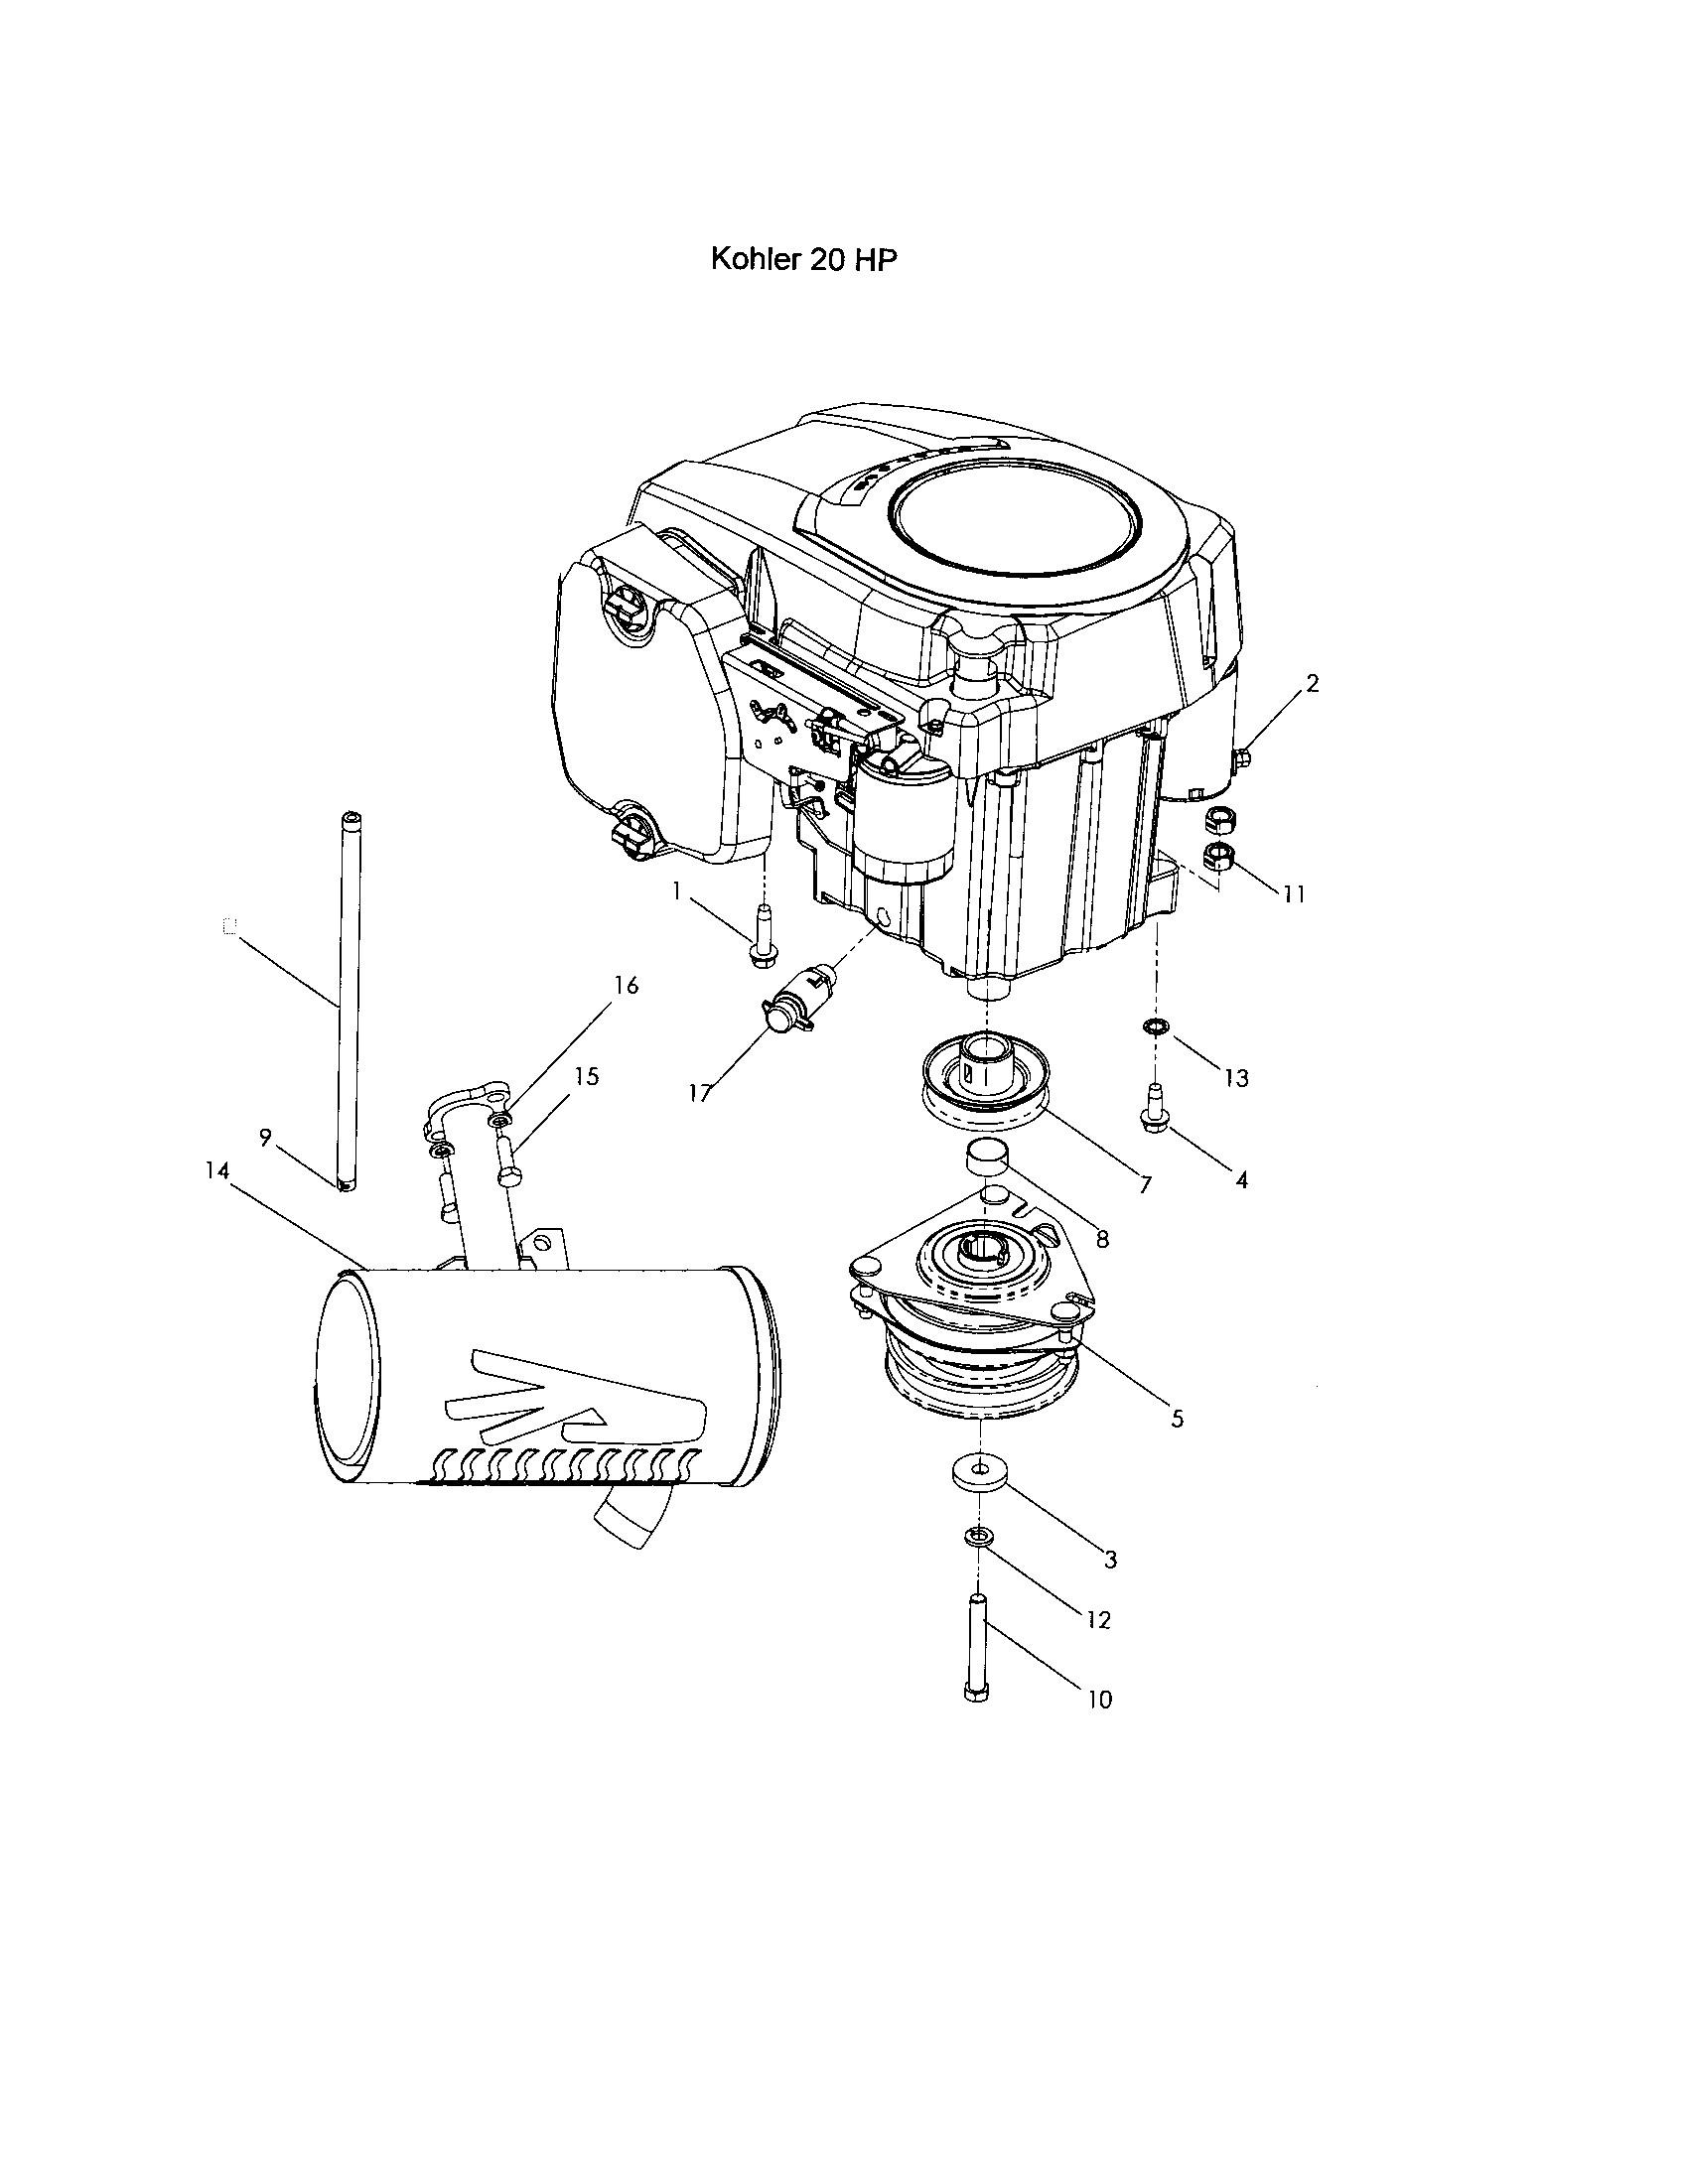 20 hp kohler engine diagram kohler engines cv20 kohler